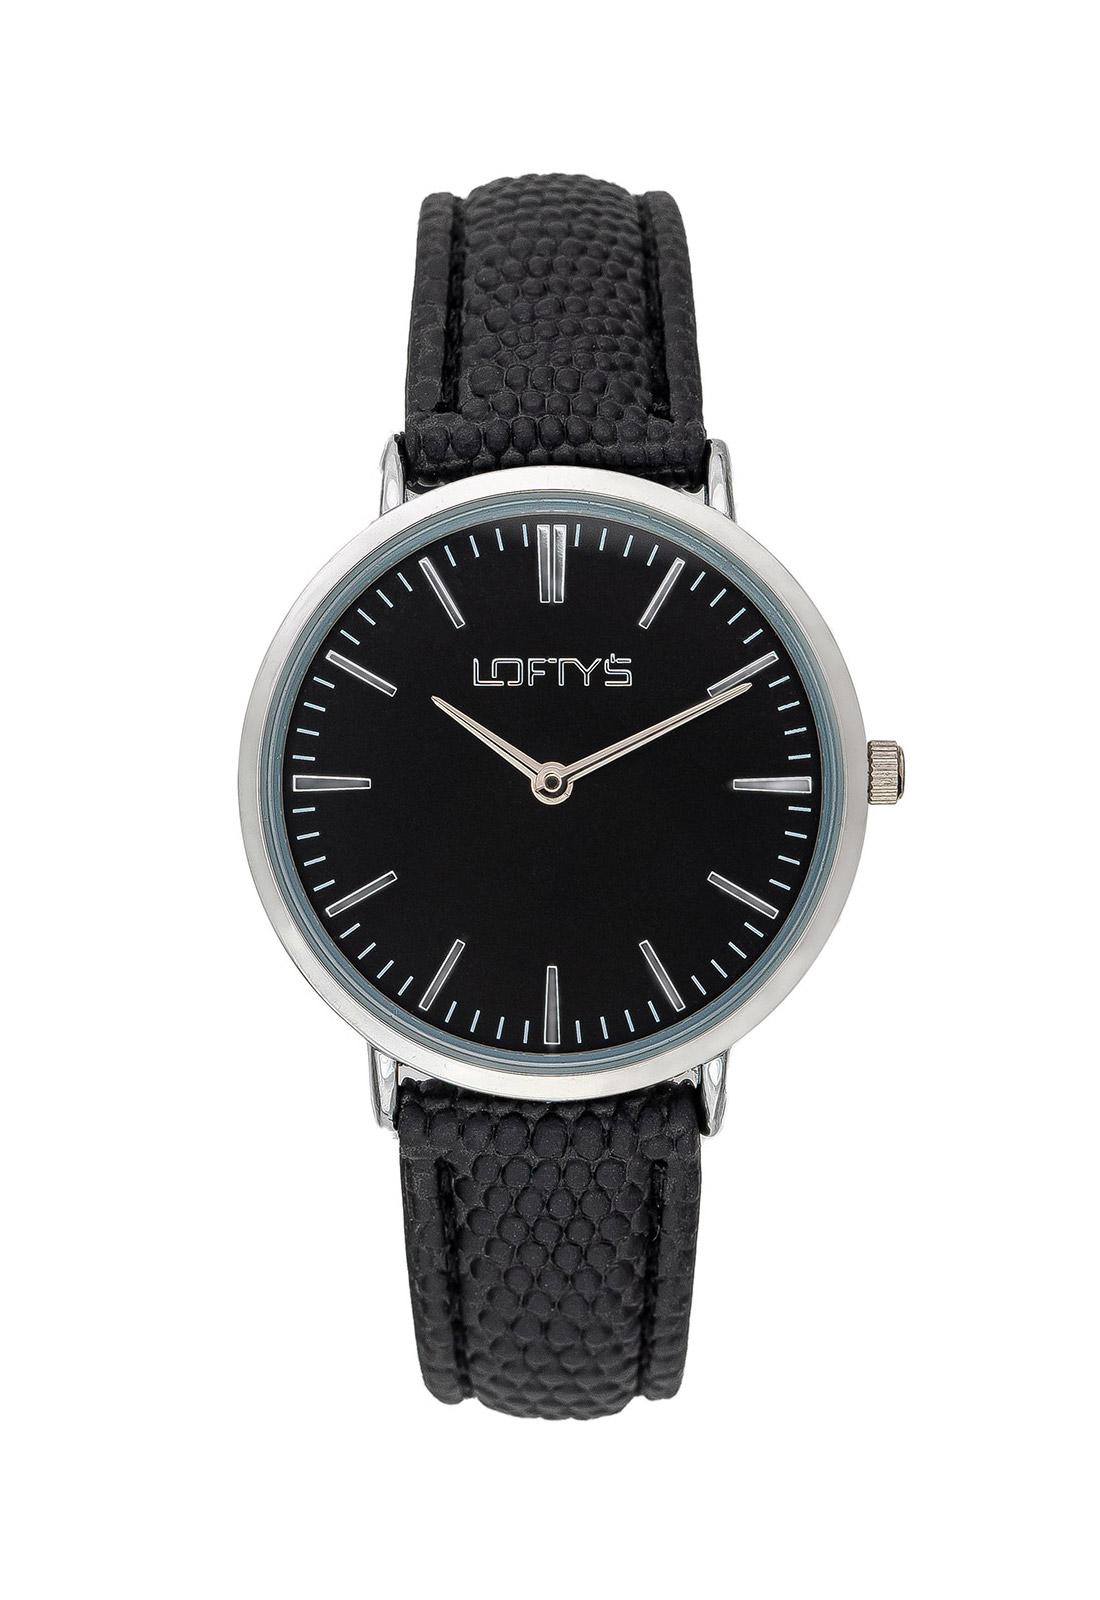 Ρολόι Loftys Corona Μαύρο Λουράκι και Καντράν Y2016-21